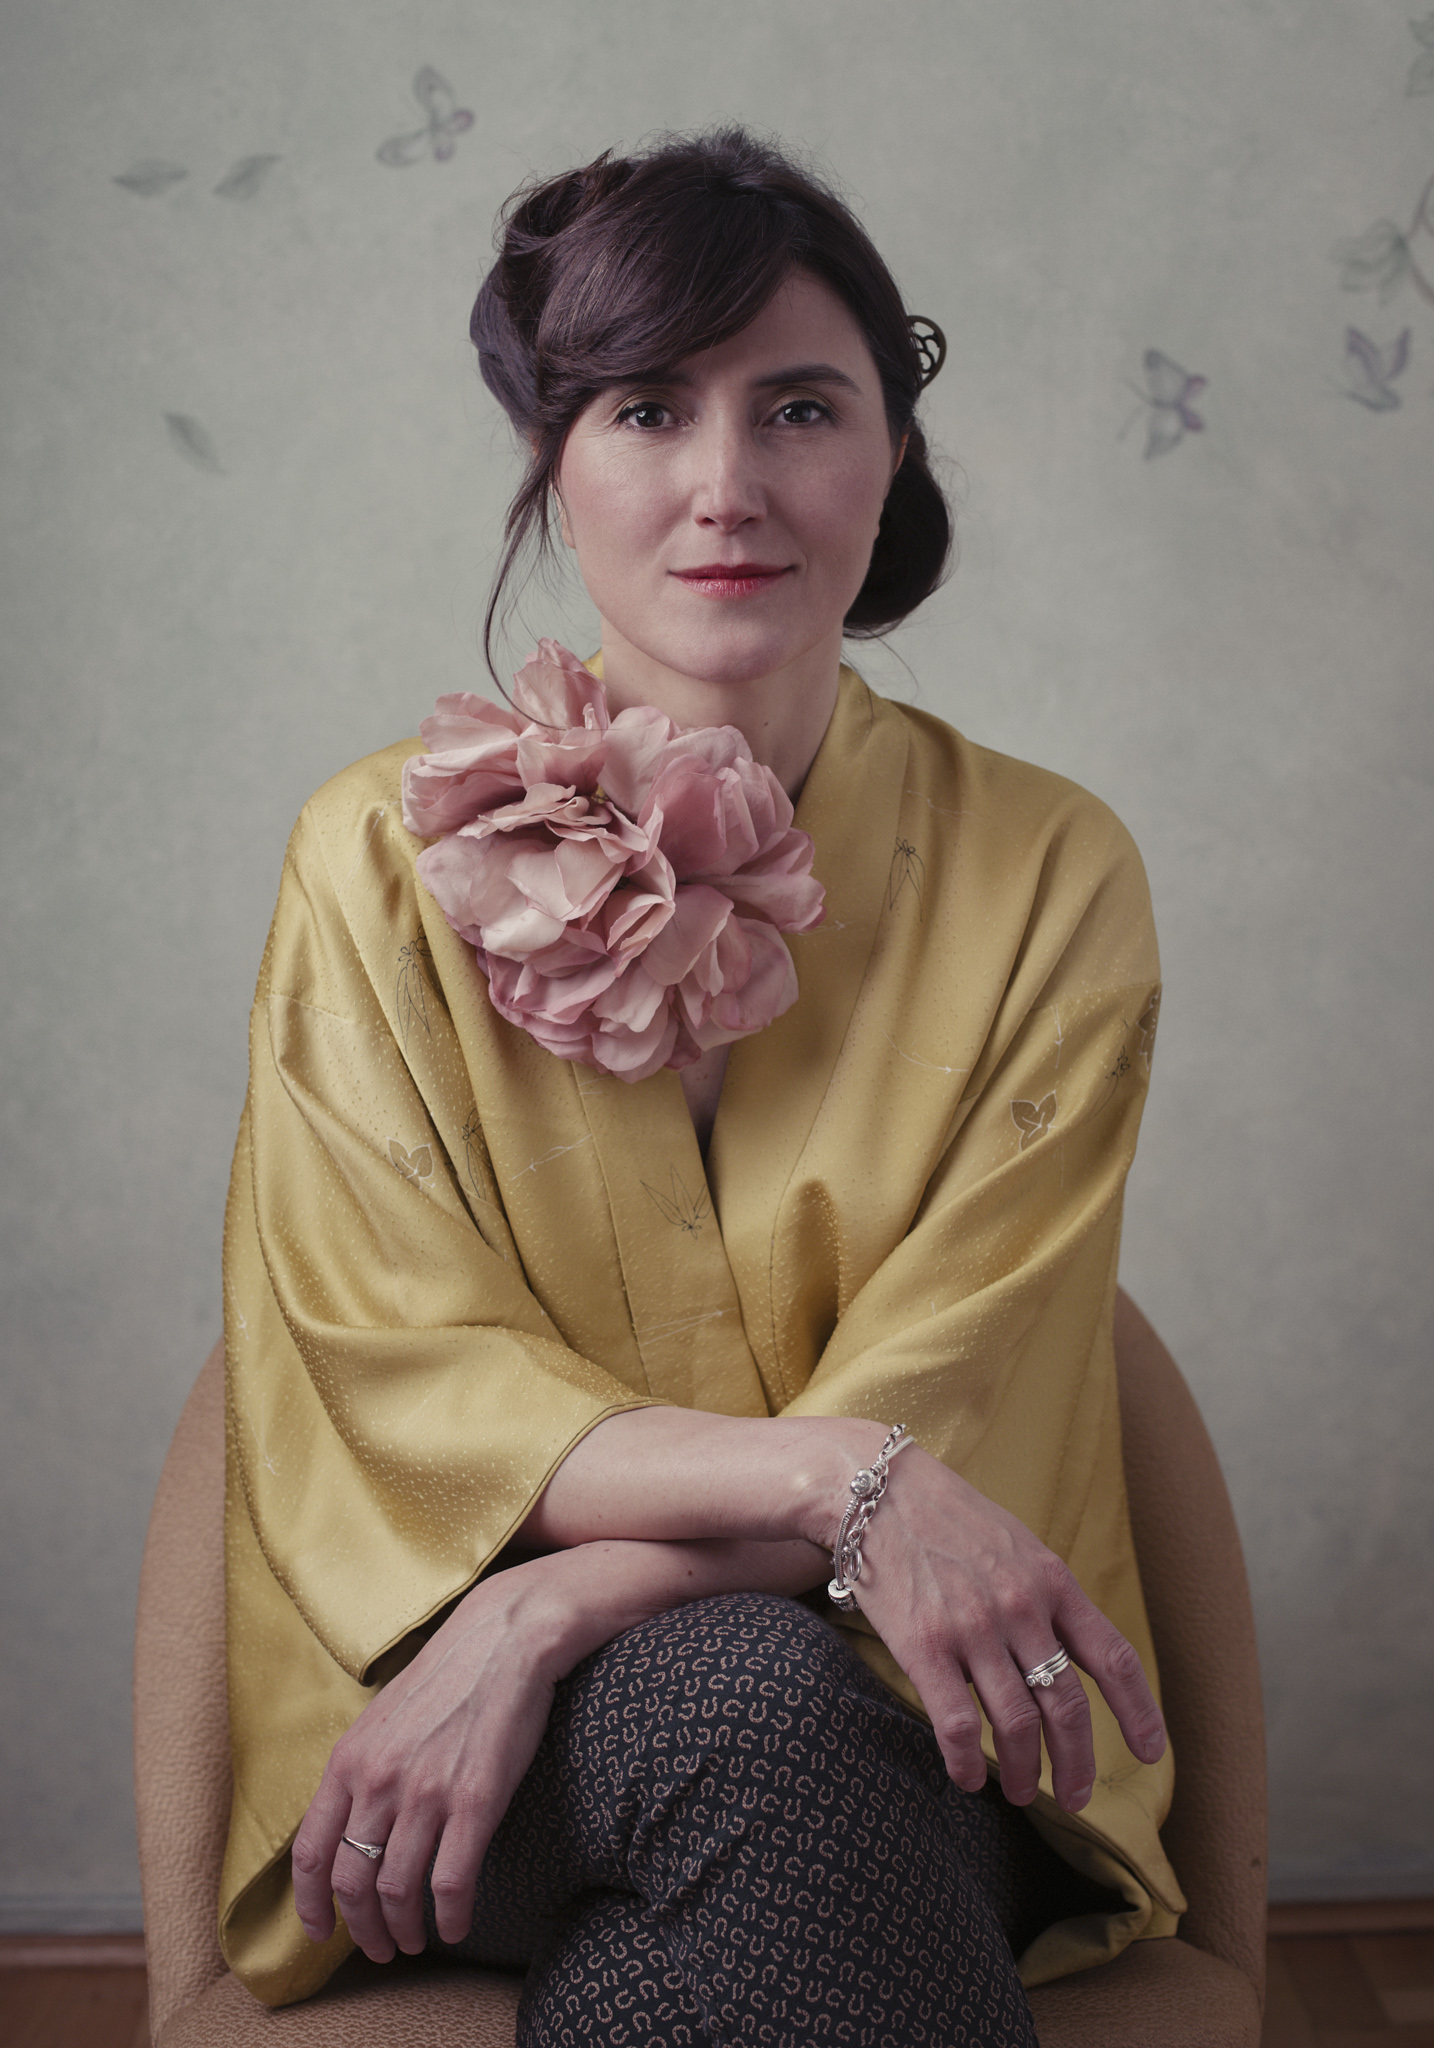 spilla con fiore in seta dipinta a mano officinelamour